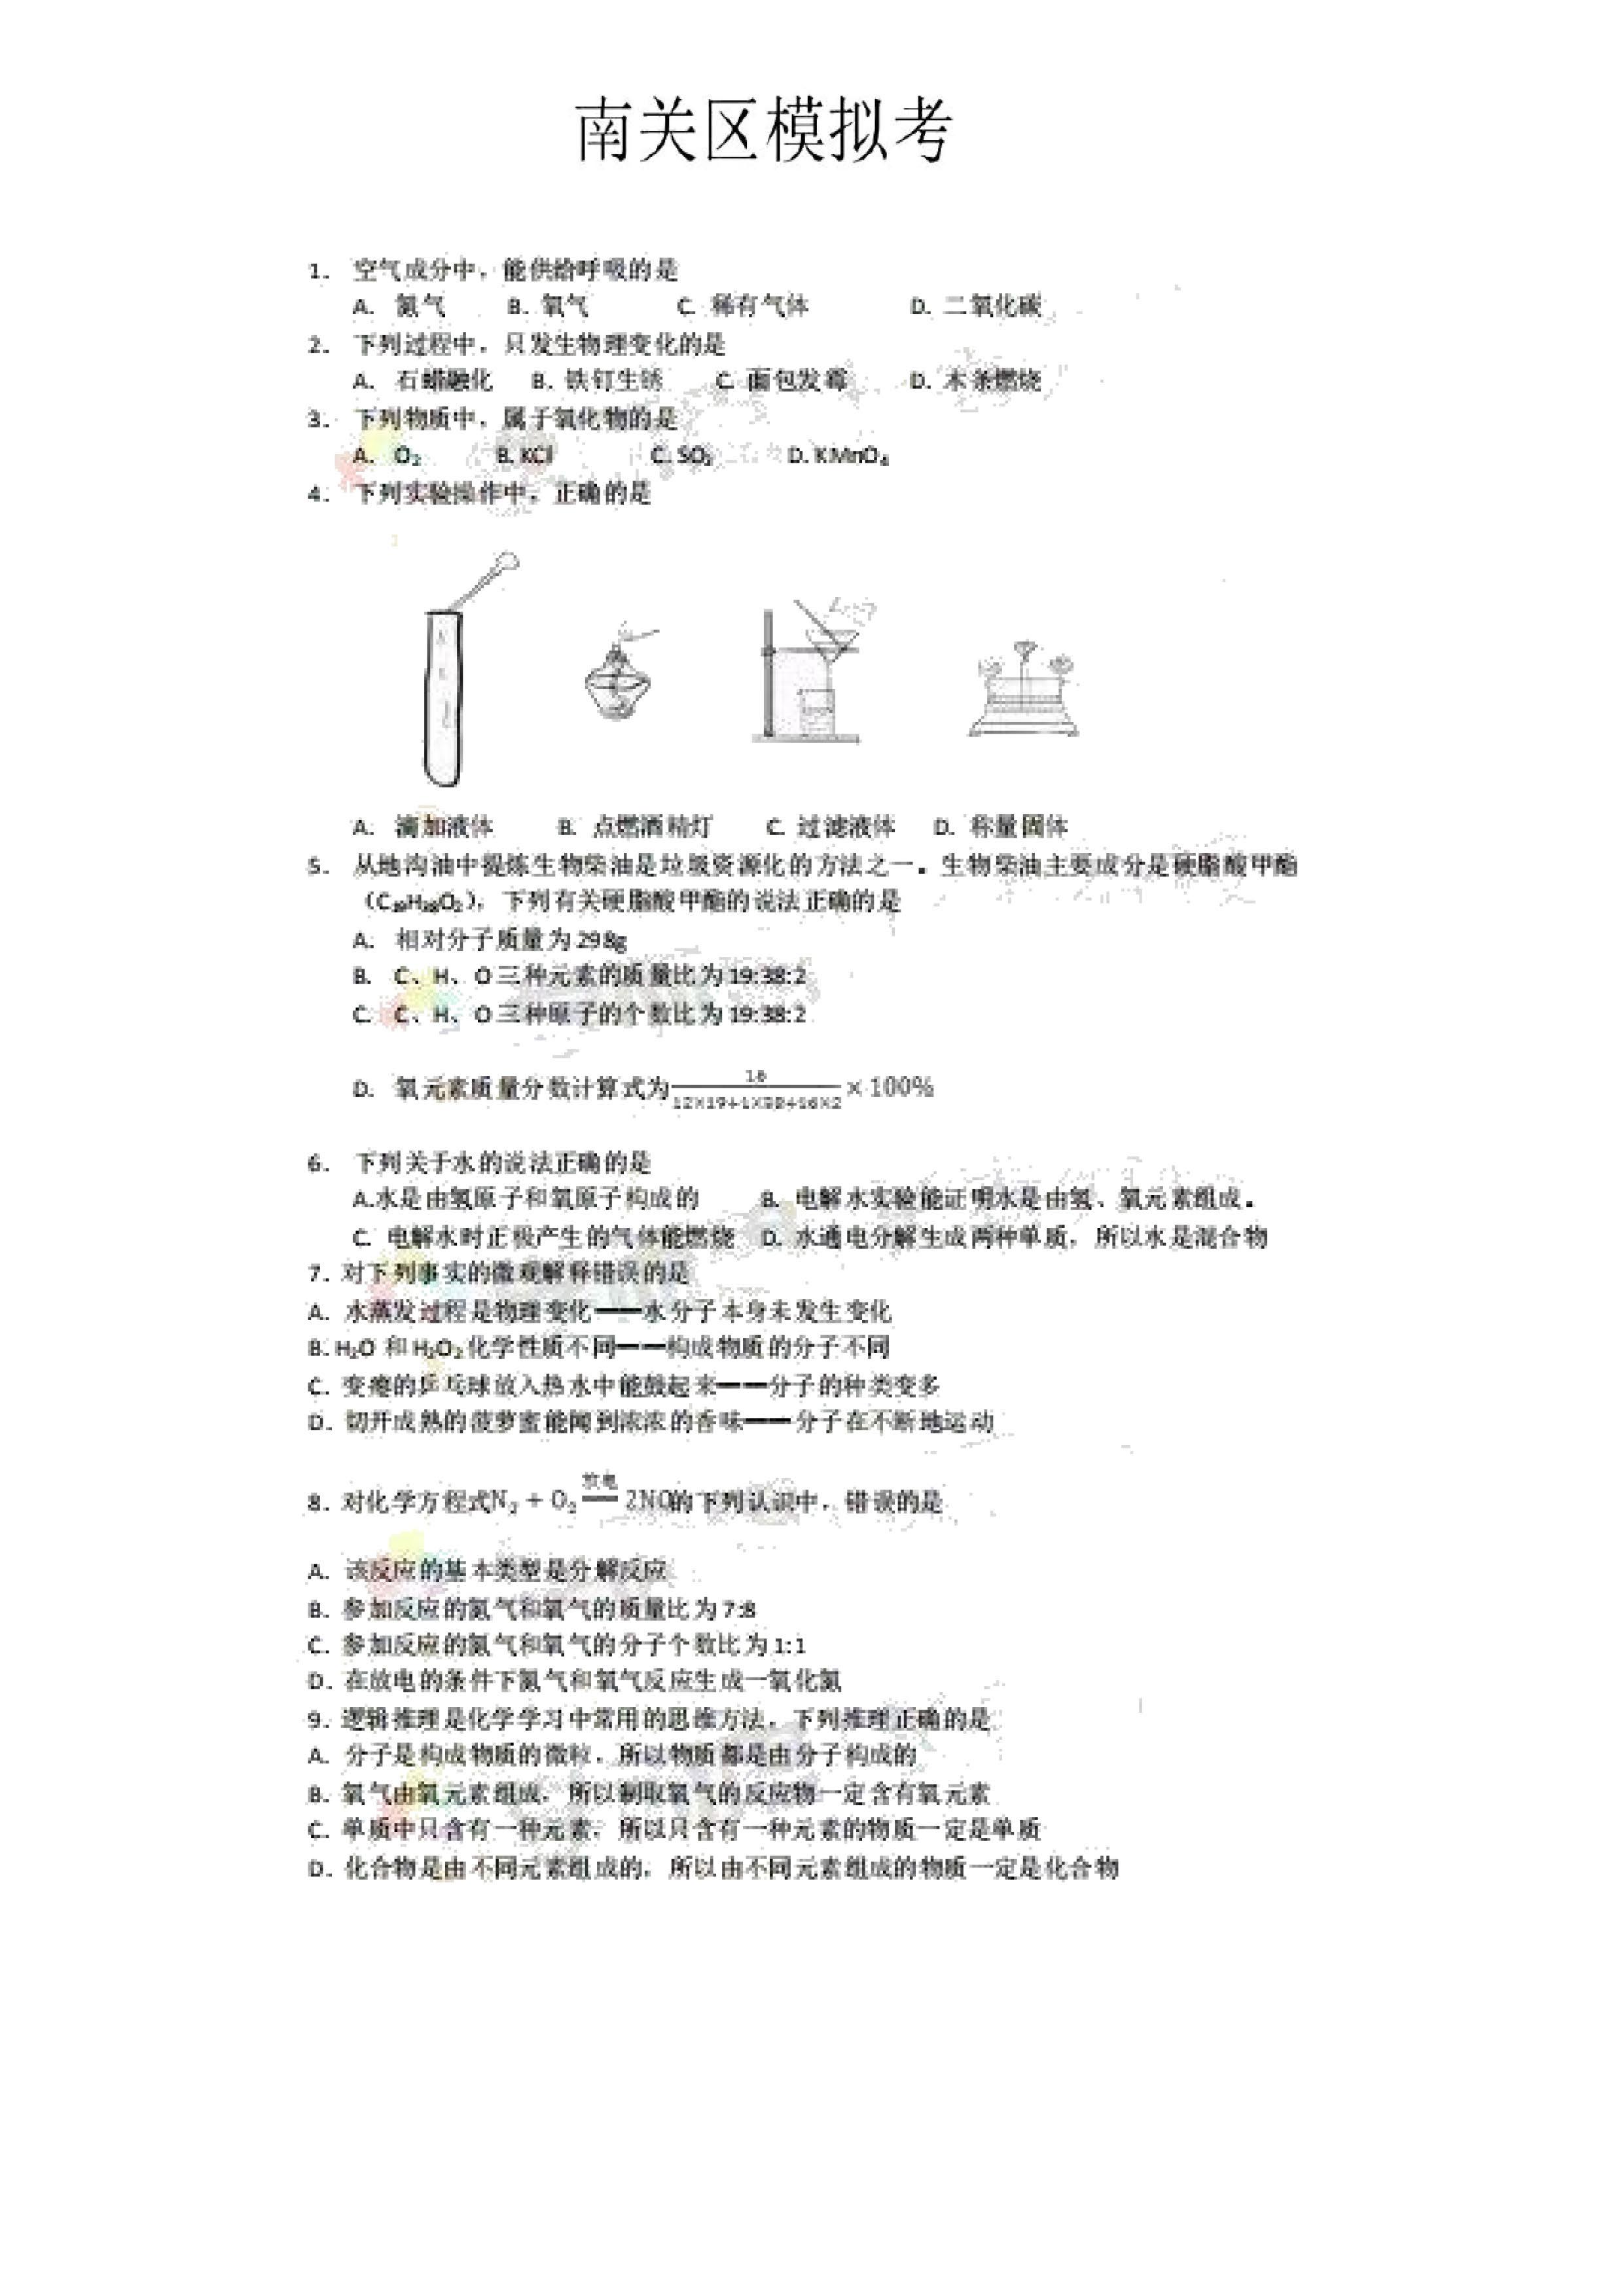 2019-2020长春南关区初三期中化学模拟试题及答案(PDF下载版)